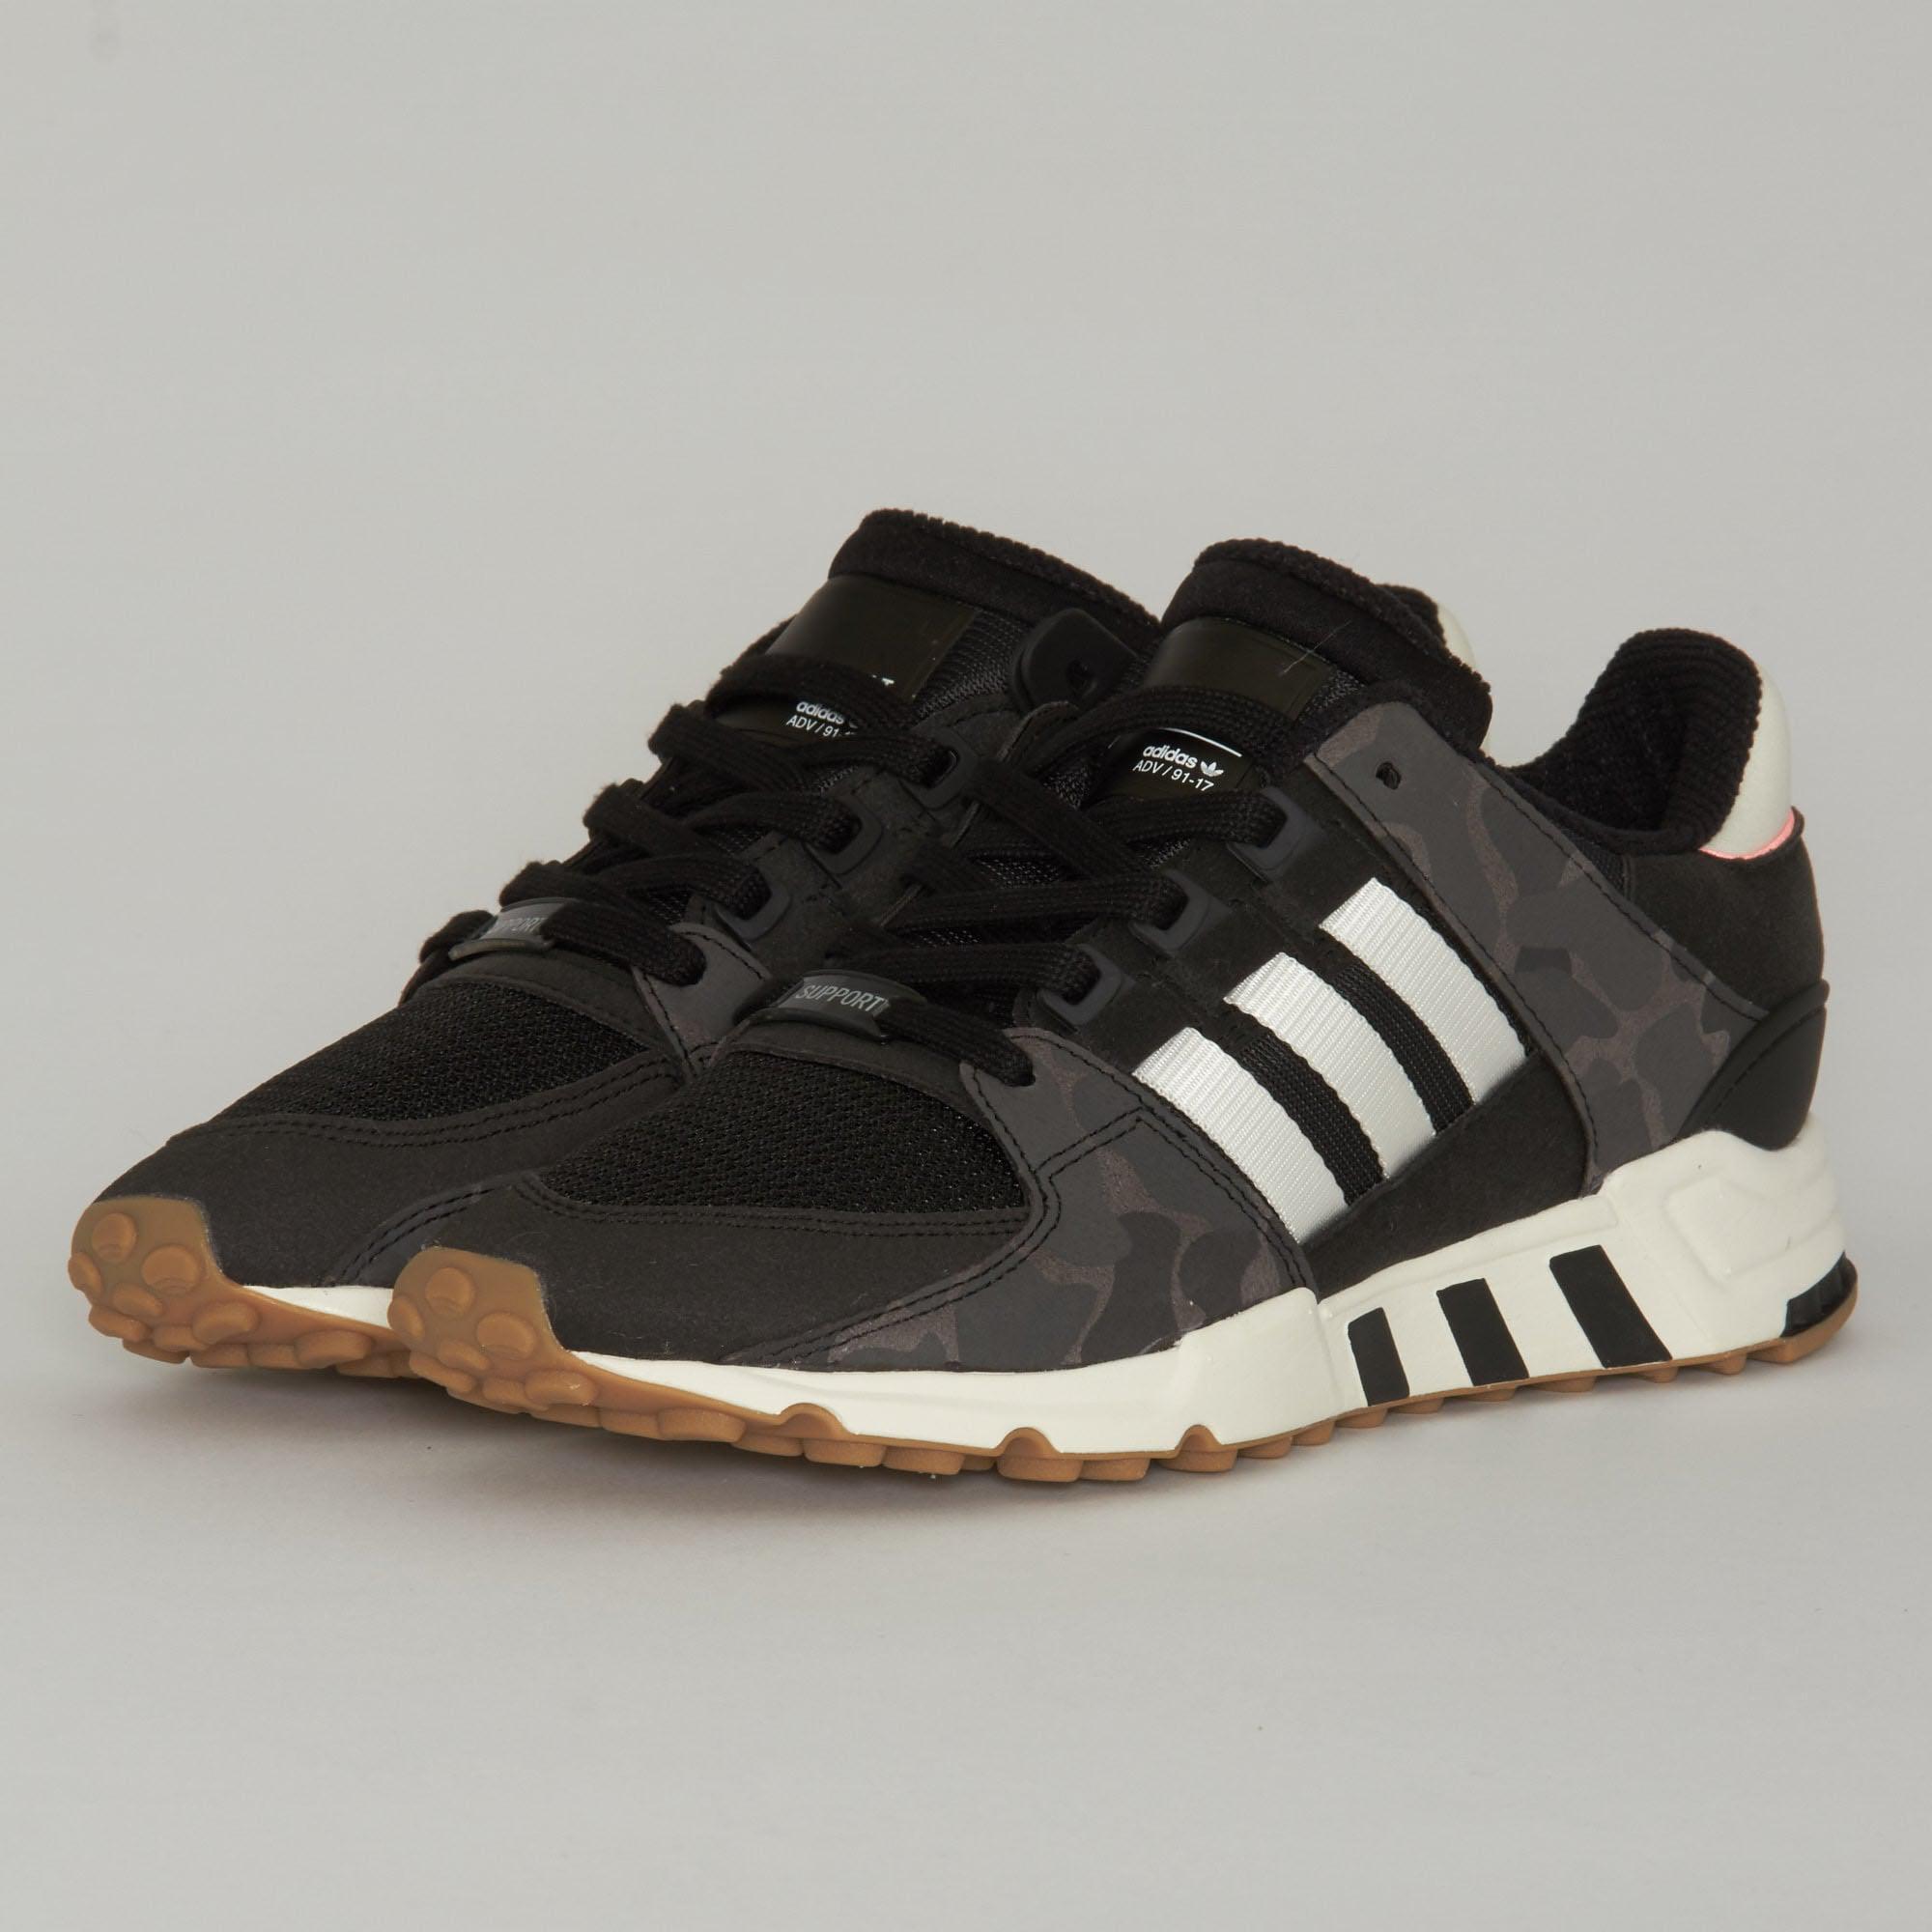 Lyst adidas Originals Adidas EQT Support RF zapatos negros en negro